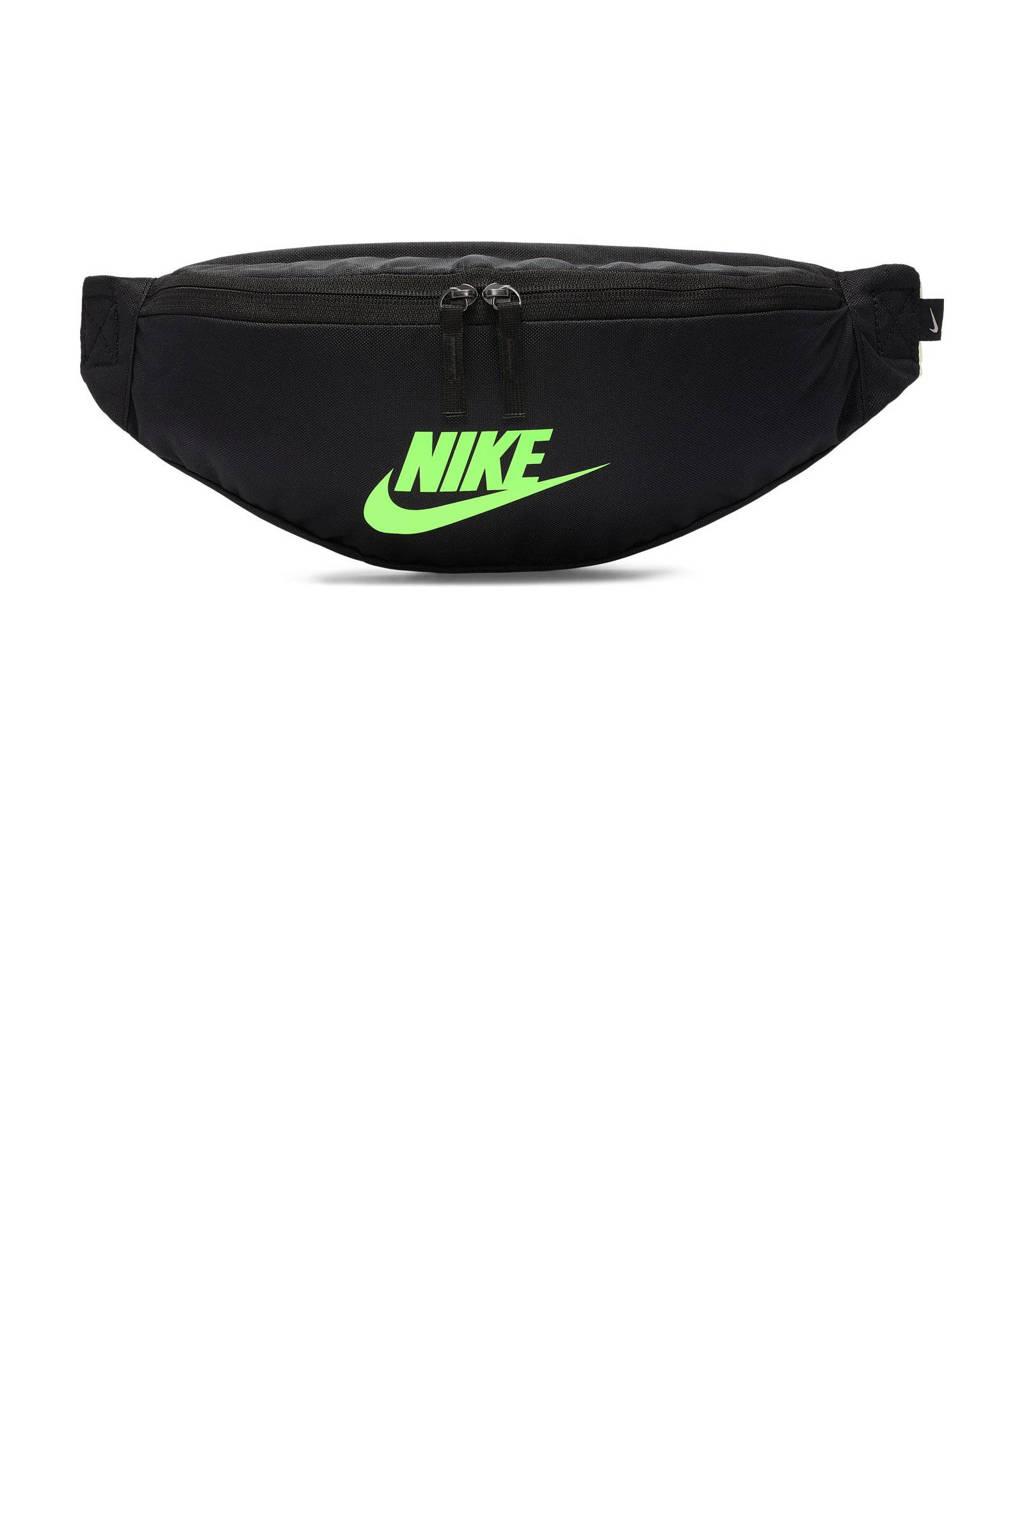 Nike   heuptas zwart/geel, Zwart/geel